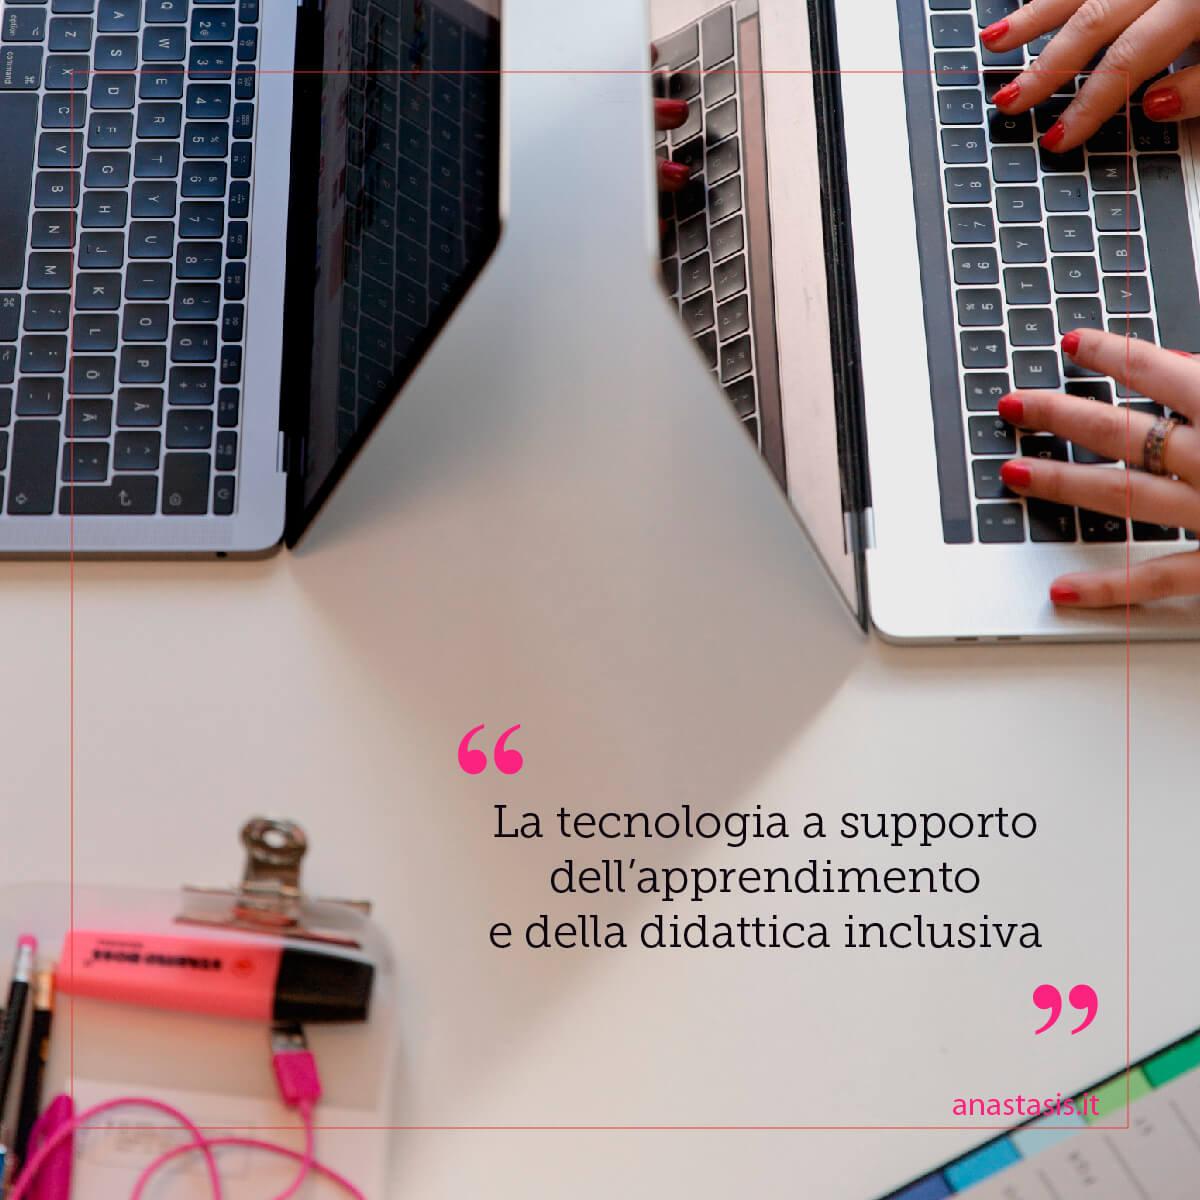 La tecnologia a supporto dell'apprendimento e della didattica inclusiva